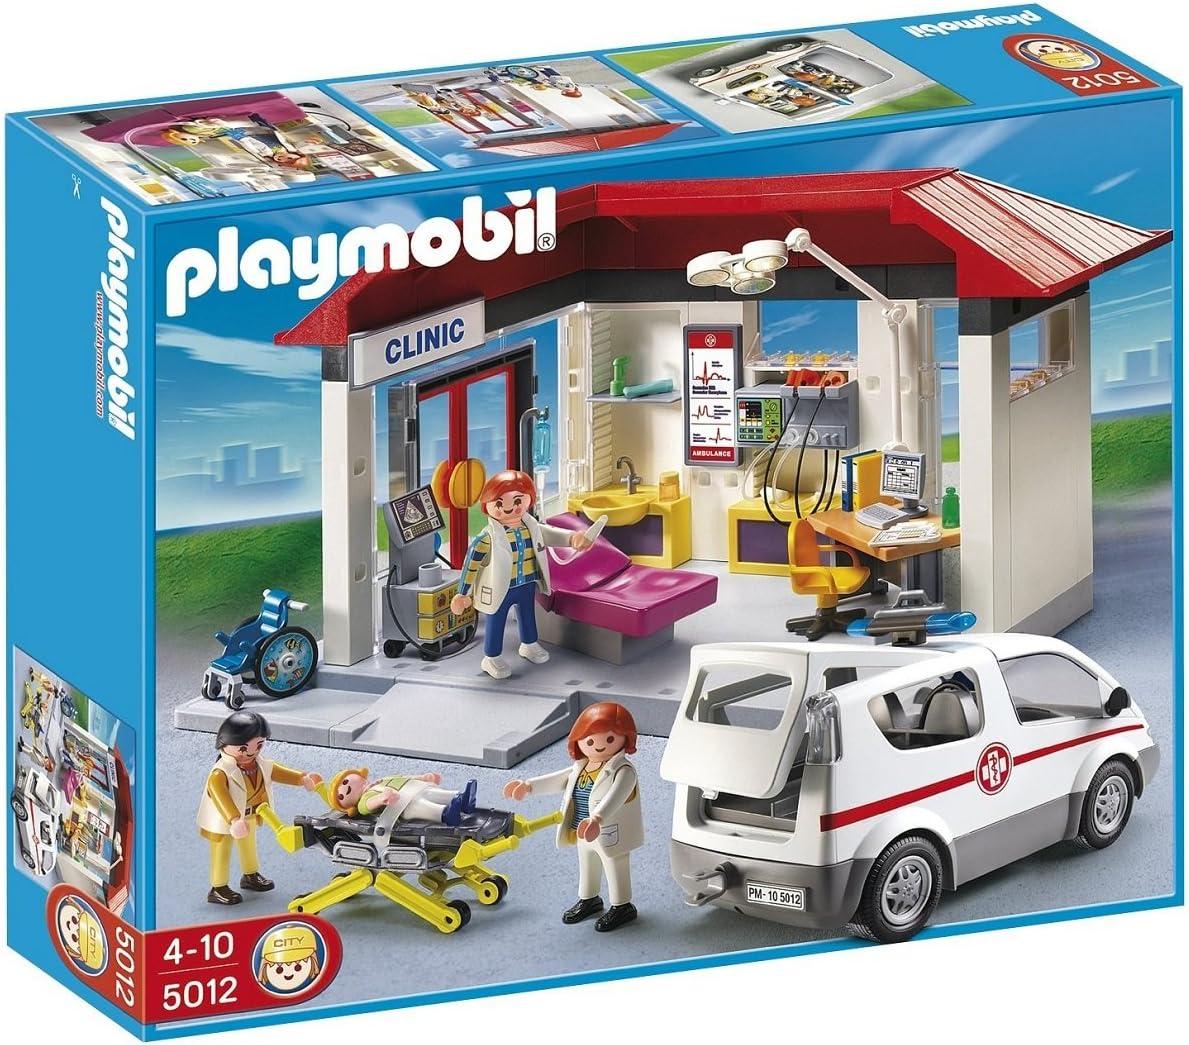 PLAYMOBIL - Clínica con Vehículo de Emergencia - 5012